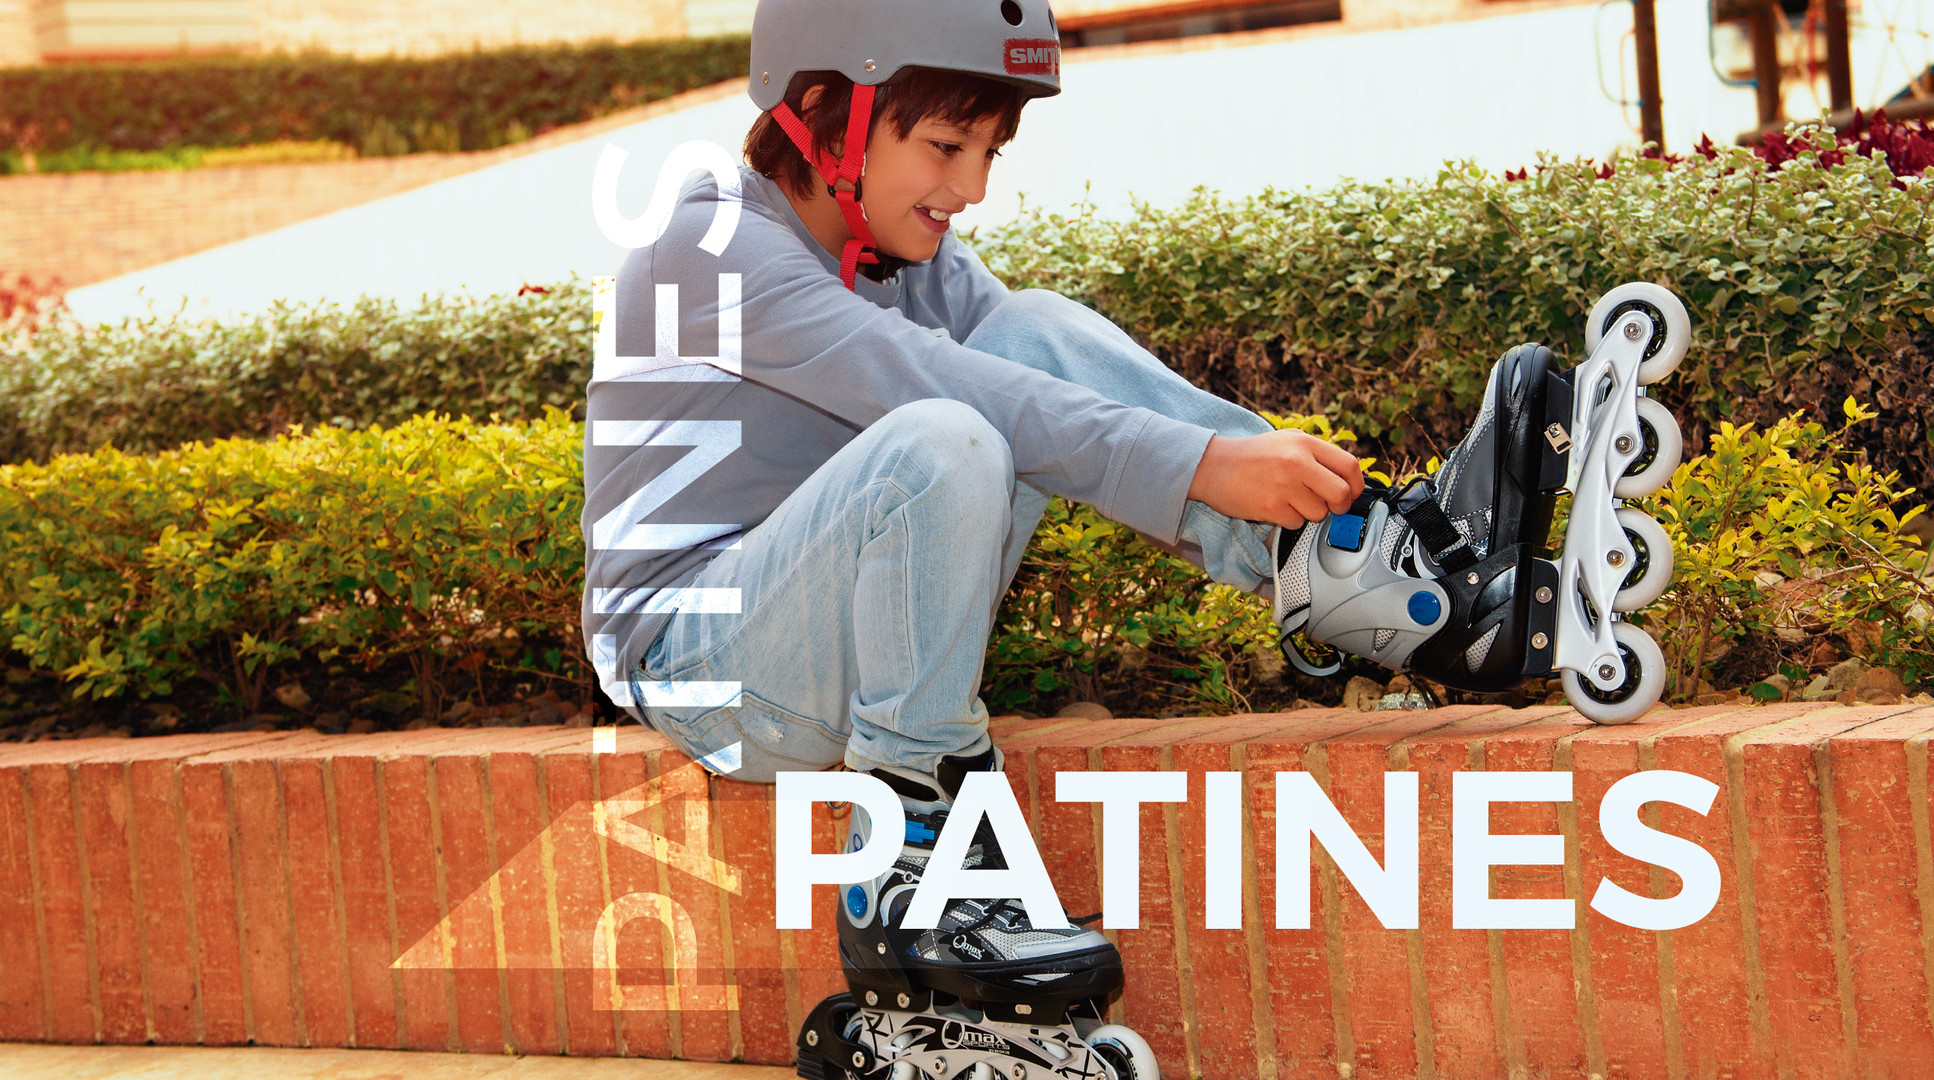 PATINES-1.jpg